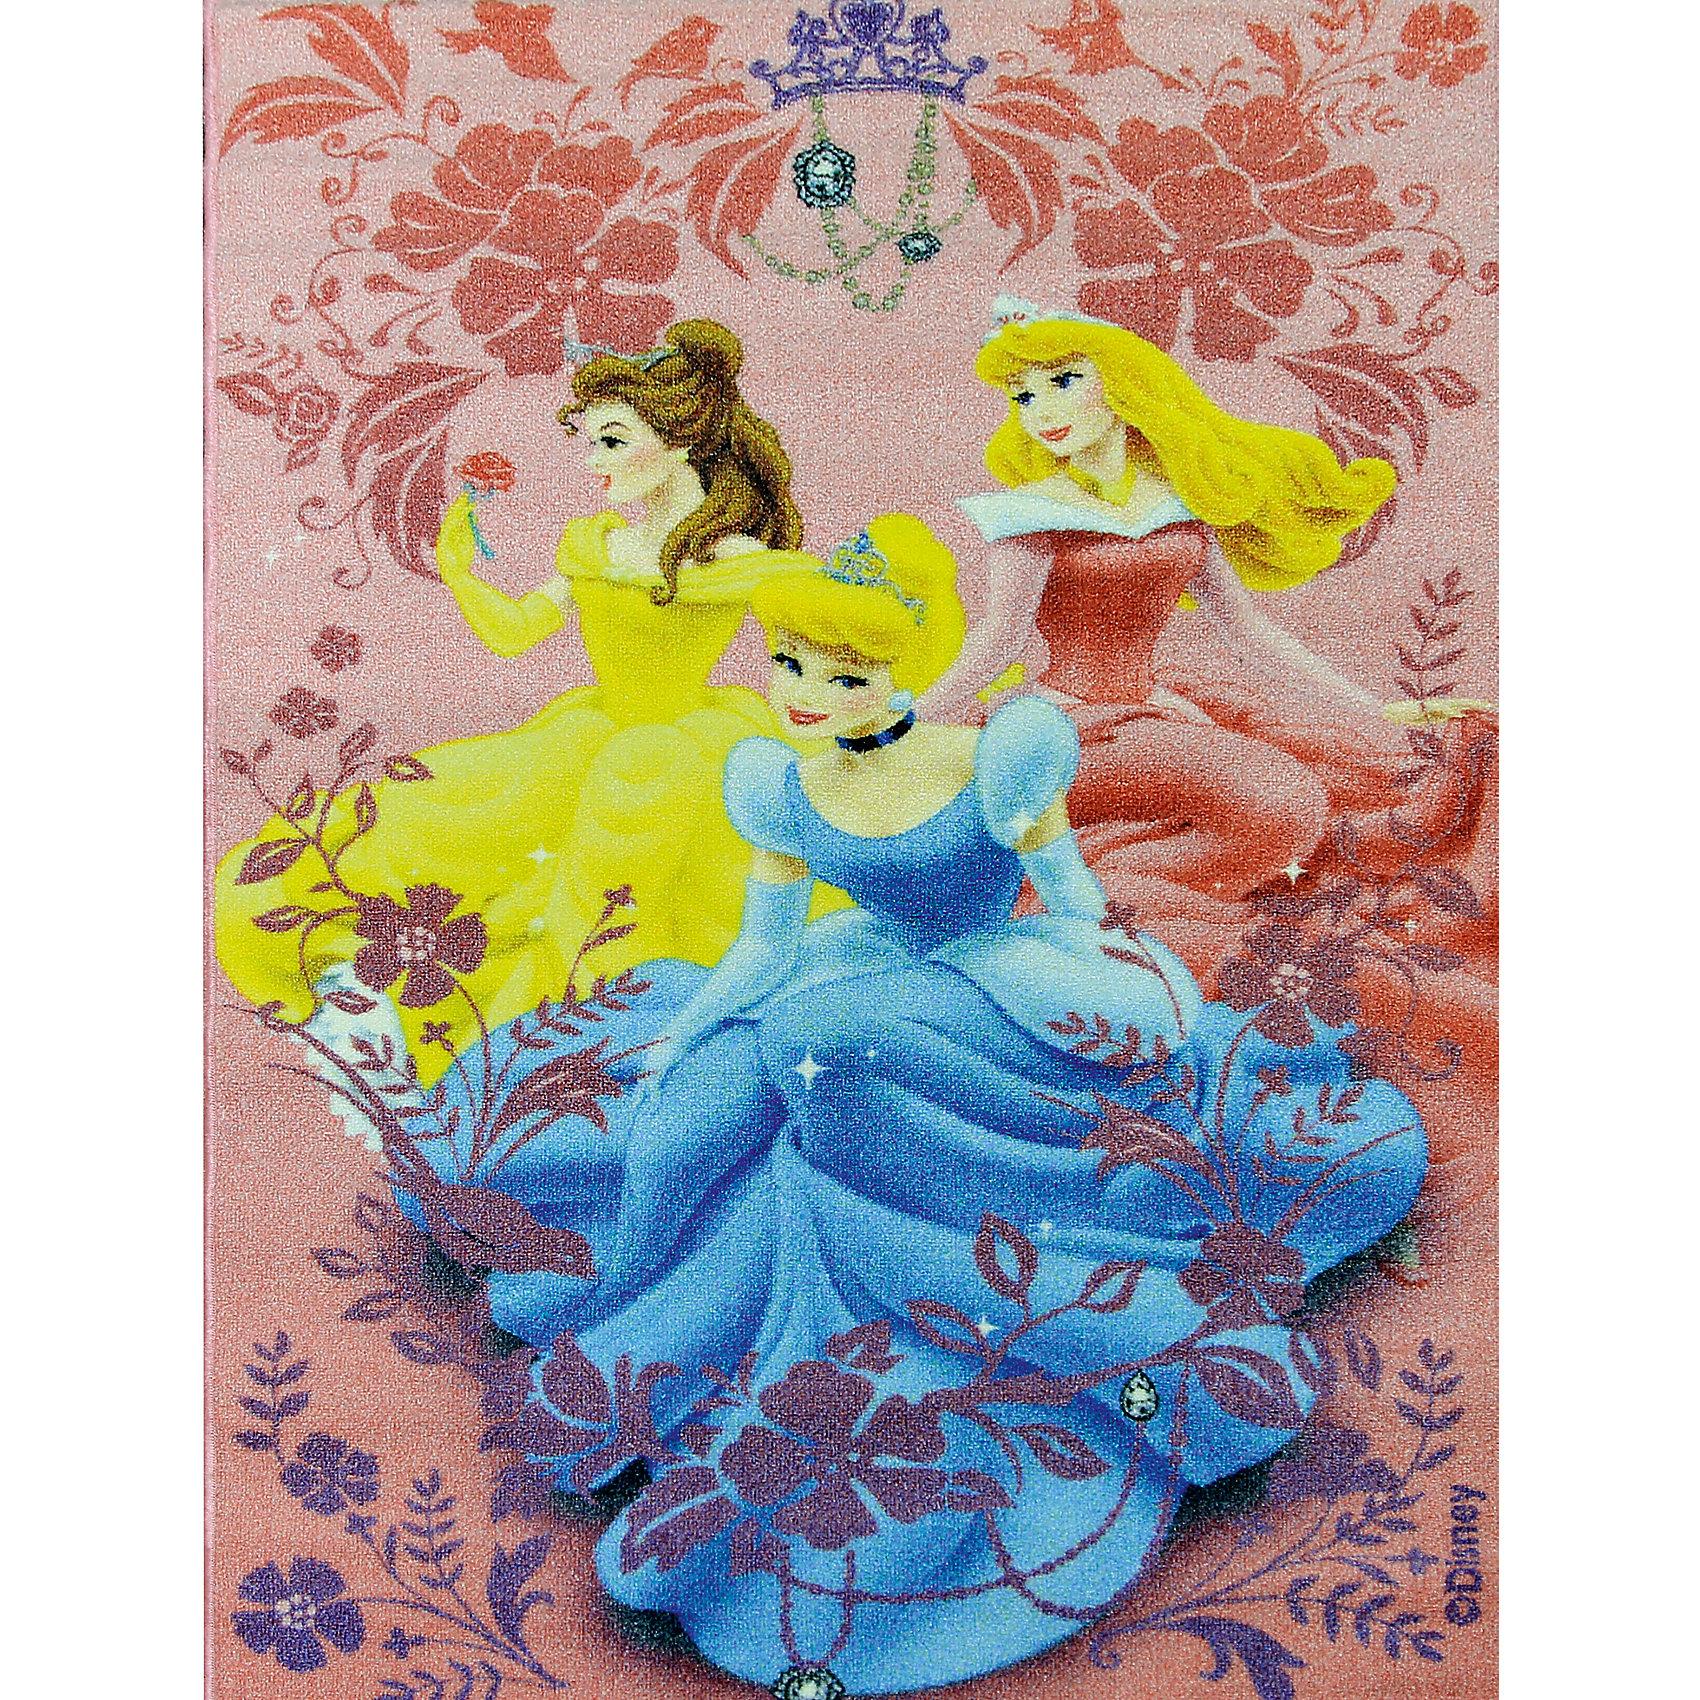 Ковер Принцессы Дисней 80*133 смКовер Принцессы Дисней 80*133 см - яркий красочный ковер, за которым легко ухаживать сделает комнату вашей малышки уютной.<br>Позитивный качественный детский ковёр коллекции Disney с прекрасными принцессами, любимыми героинями знаменитых диснеевских мультфильмов, украсит интерьер детской комнаты и наполнит мир вашей девочки яркими и живыми красками. Детские ковры Disney очень практичны, изготовлены из безопасных и высококачественных синтетических материалов, стойки к истиранию и не выгорают. По краям ковры аккуратно обшиты. Полиамидный ворс не впитывает влагу, что существенно облегчает уход за изделием, а латексная основа не скользит по полу. Небольшой размер и вес позволит без труда перемещать ковер в разные места комнаты и легко производить уборку под ковром.<br><br>Дополнительная информация:<br><br>- Размер: 80х133 см.<br>- Высота ворса: 4 мм.<br>- Вес ковра: 1,3 кг/м2<br>- Состав ворса: 100% полиамид<br>- Состав основы: гелиевая<br>- Цвет: розовый<br>- Вид производства: машинное<br><br>Ковер Принцессы Дисней 80*133 см можно купить в нашем интернет-магазине.<br><br>Ширина мм: 200<br>Глубина мм: 200<br>Высота мм: 800<br>Вес г: 1277<br>Возраст от месяцев: 36<br>Возраст до месяцев: 120<br>Пол: Женский<br>Возраст: Детский<br>SKU: 4466014